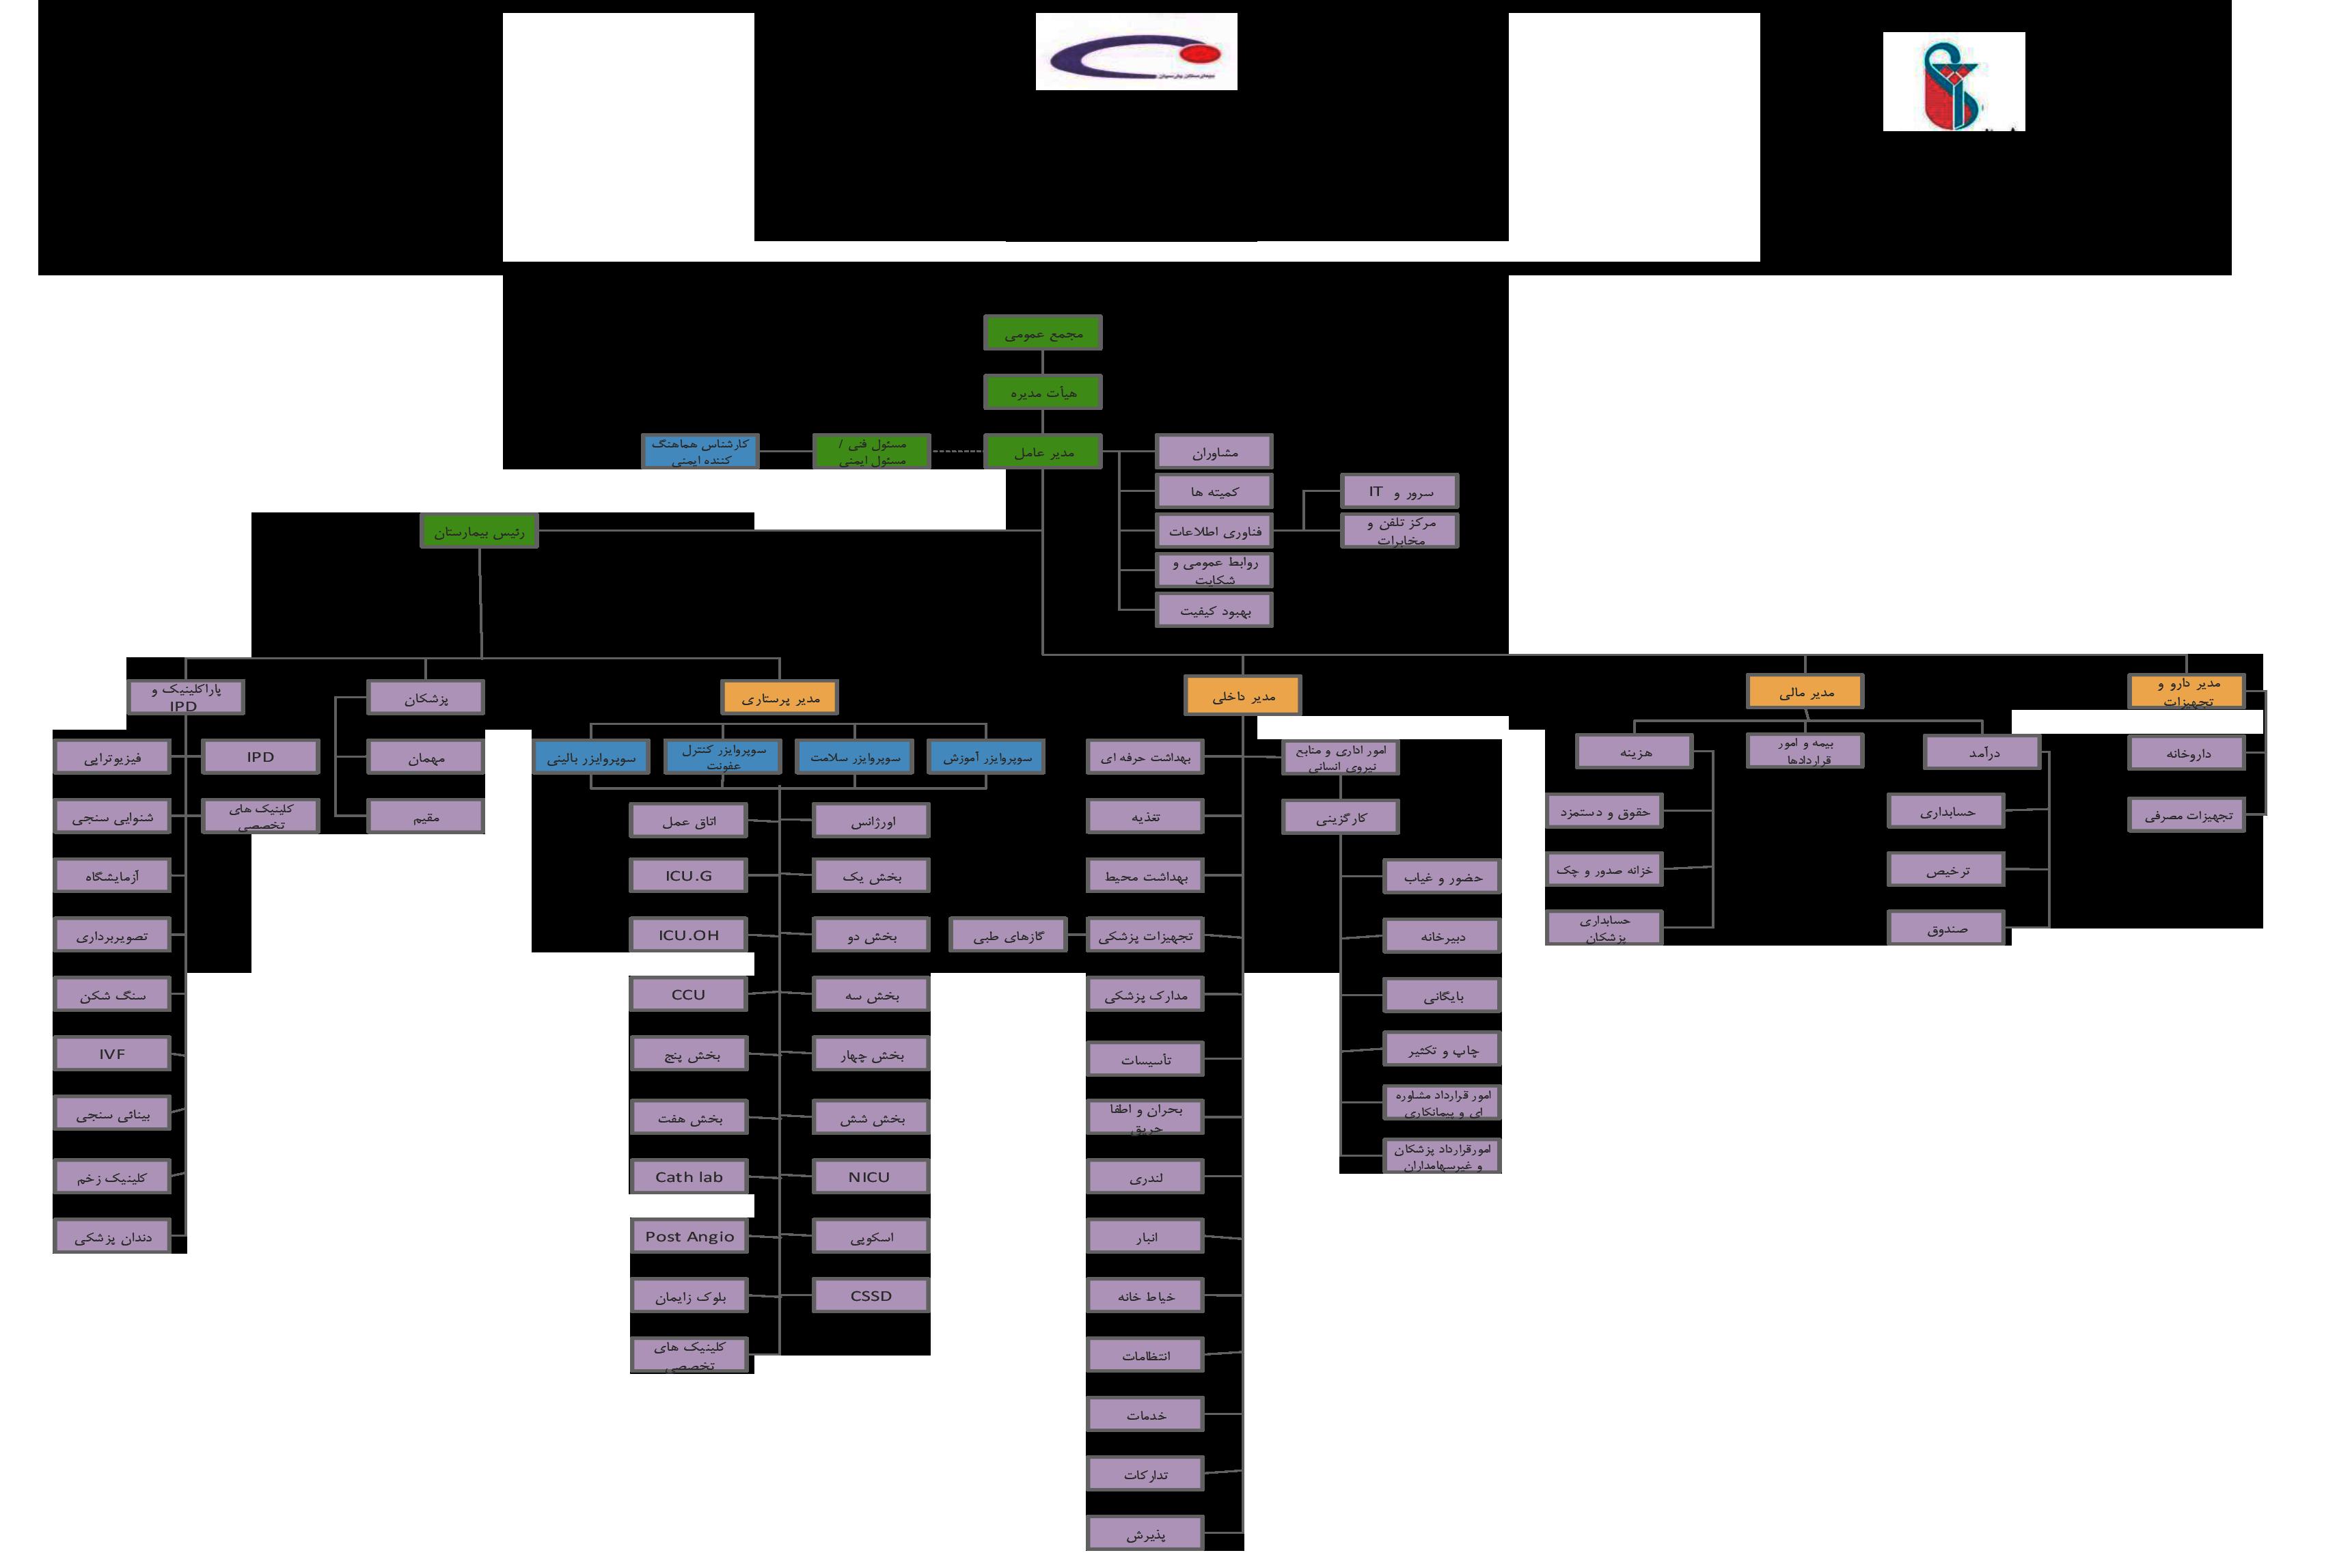 نمودار سازمانی بیمارستان پارسیان